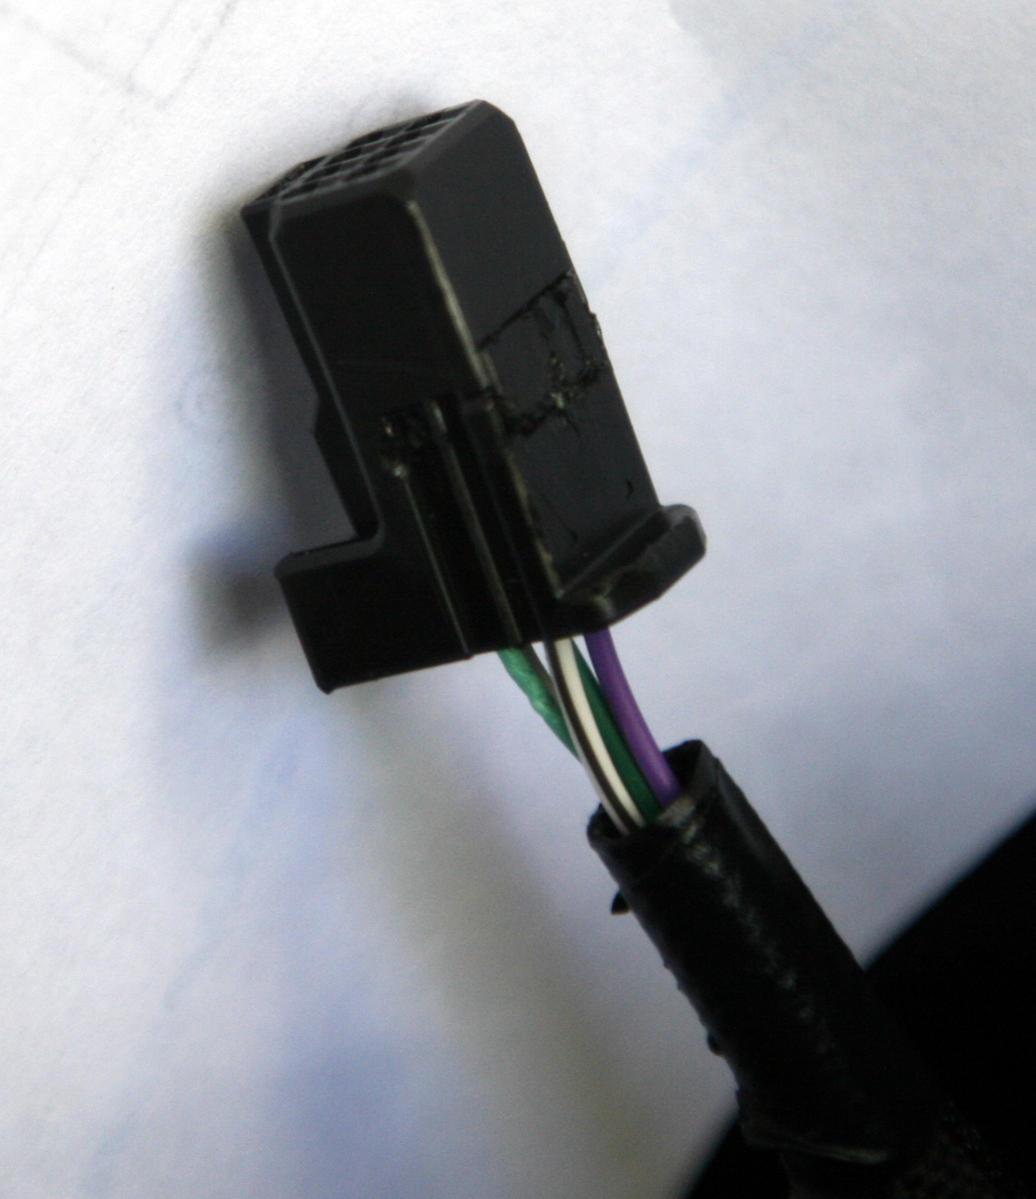 Automotive Wire Loom Routing Clips Schematics Data Wiring Diagrams Auto Harness Toyota Retainer Volkswagen Alternator Rd 350 Schematic 8